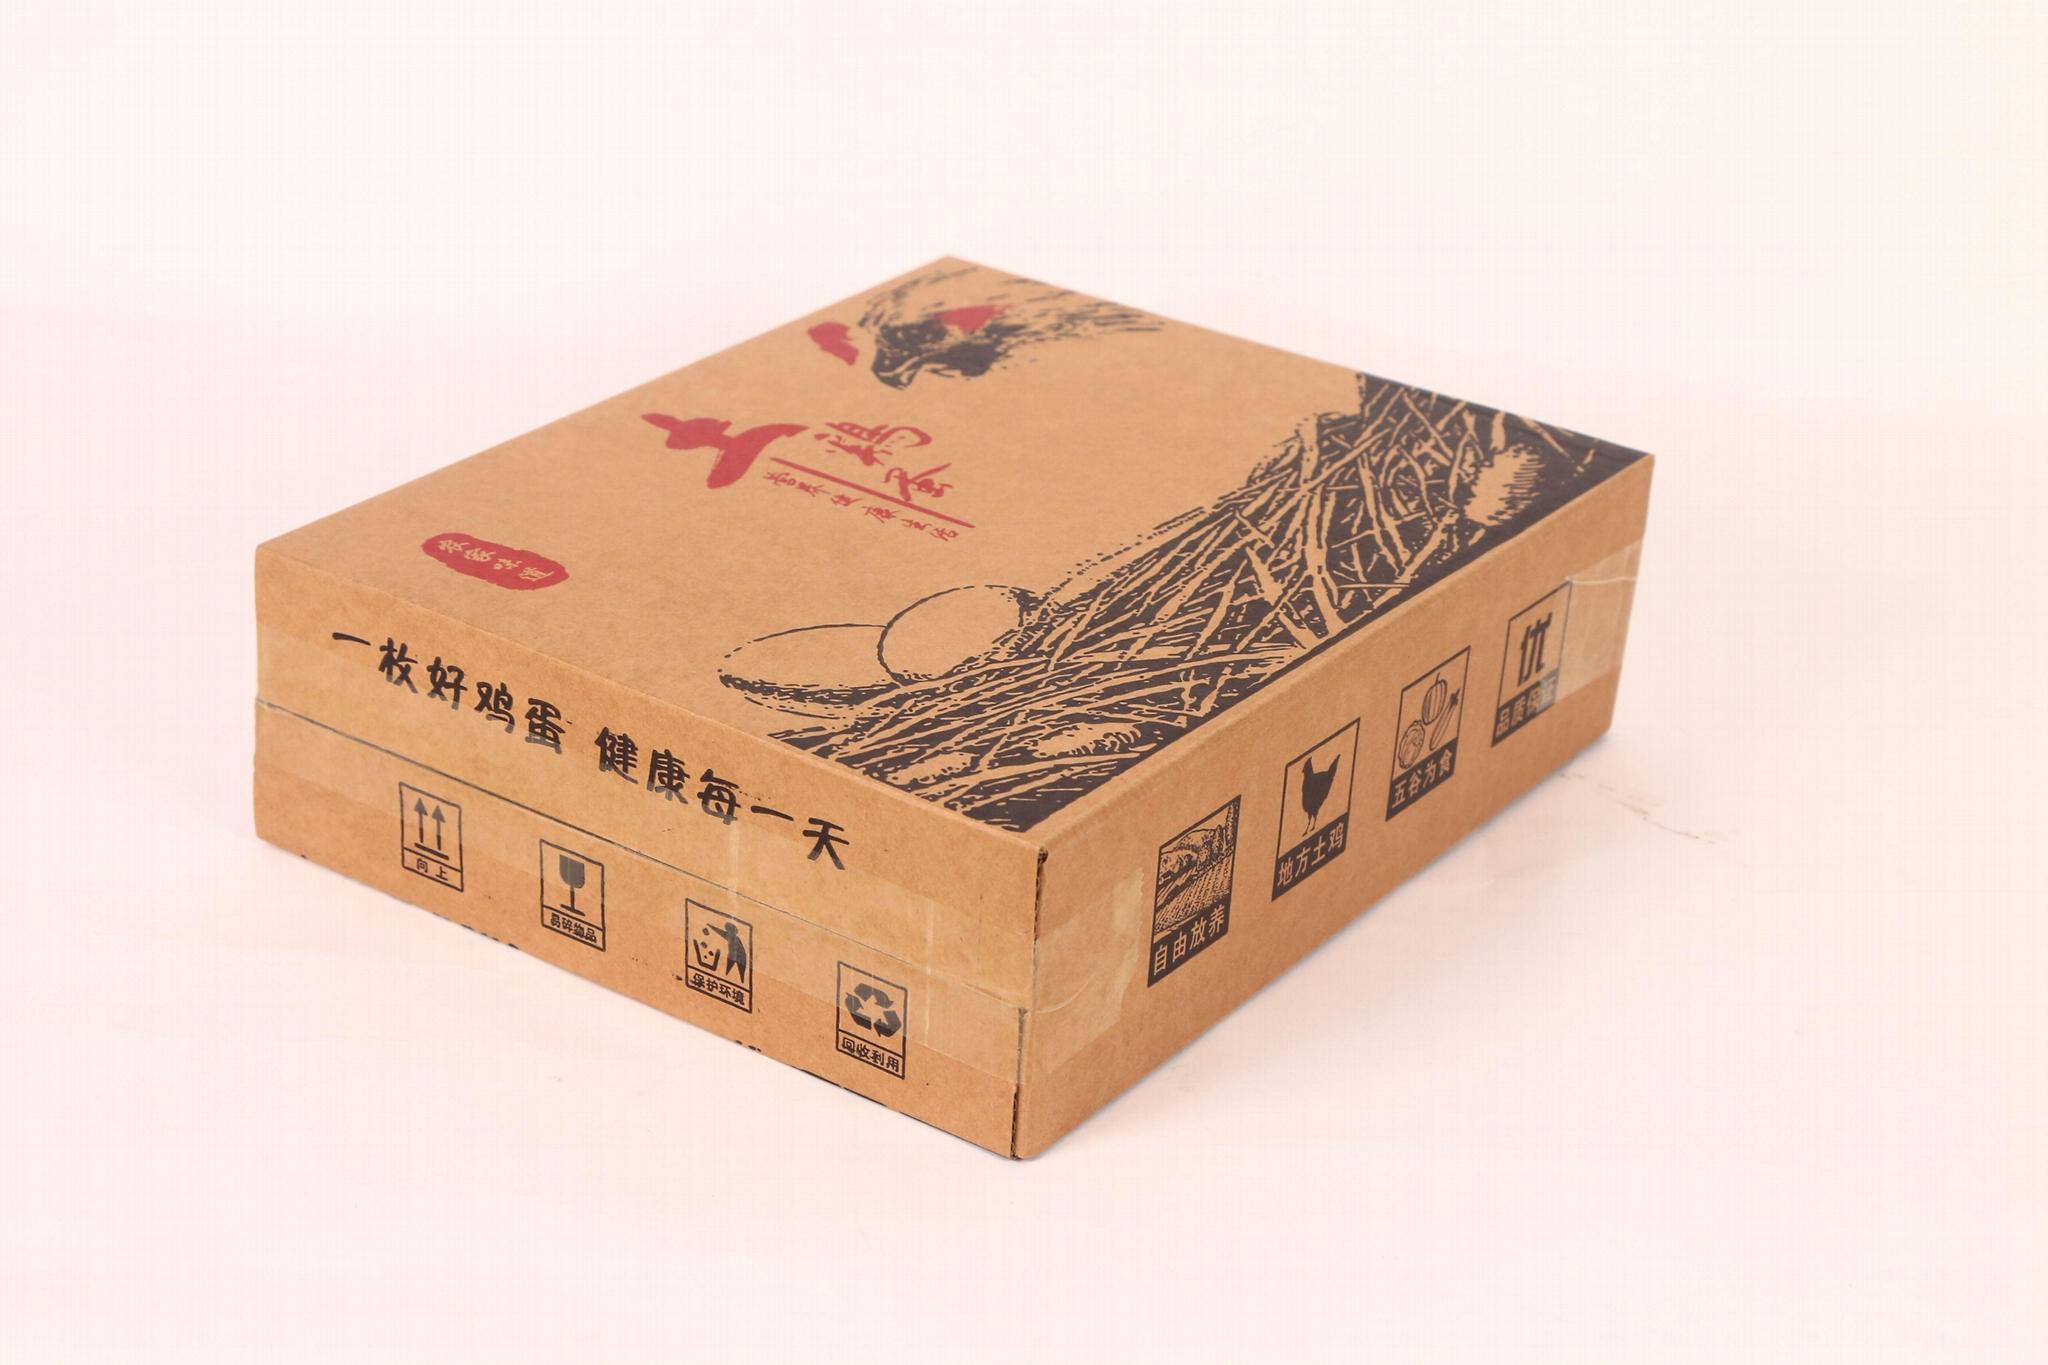 30枚雞蛋現貨通用手提飛機盒快遞包裝箱牛皮紙珍珠棉內托禮品盒 3